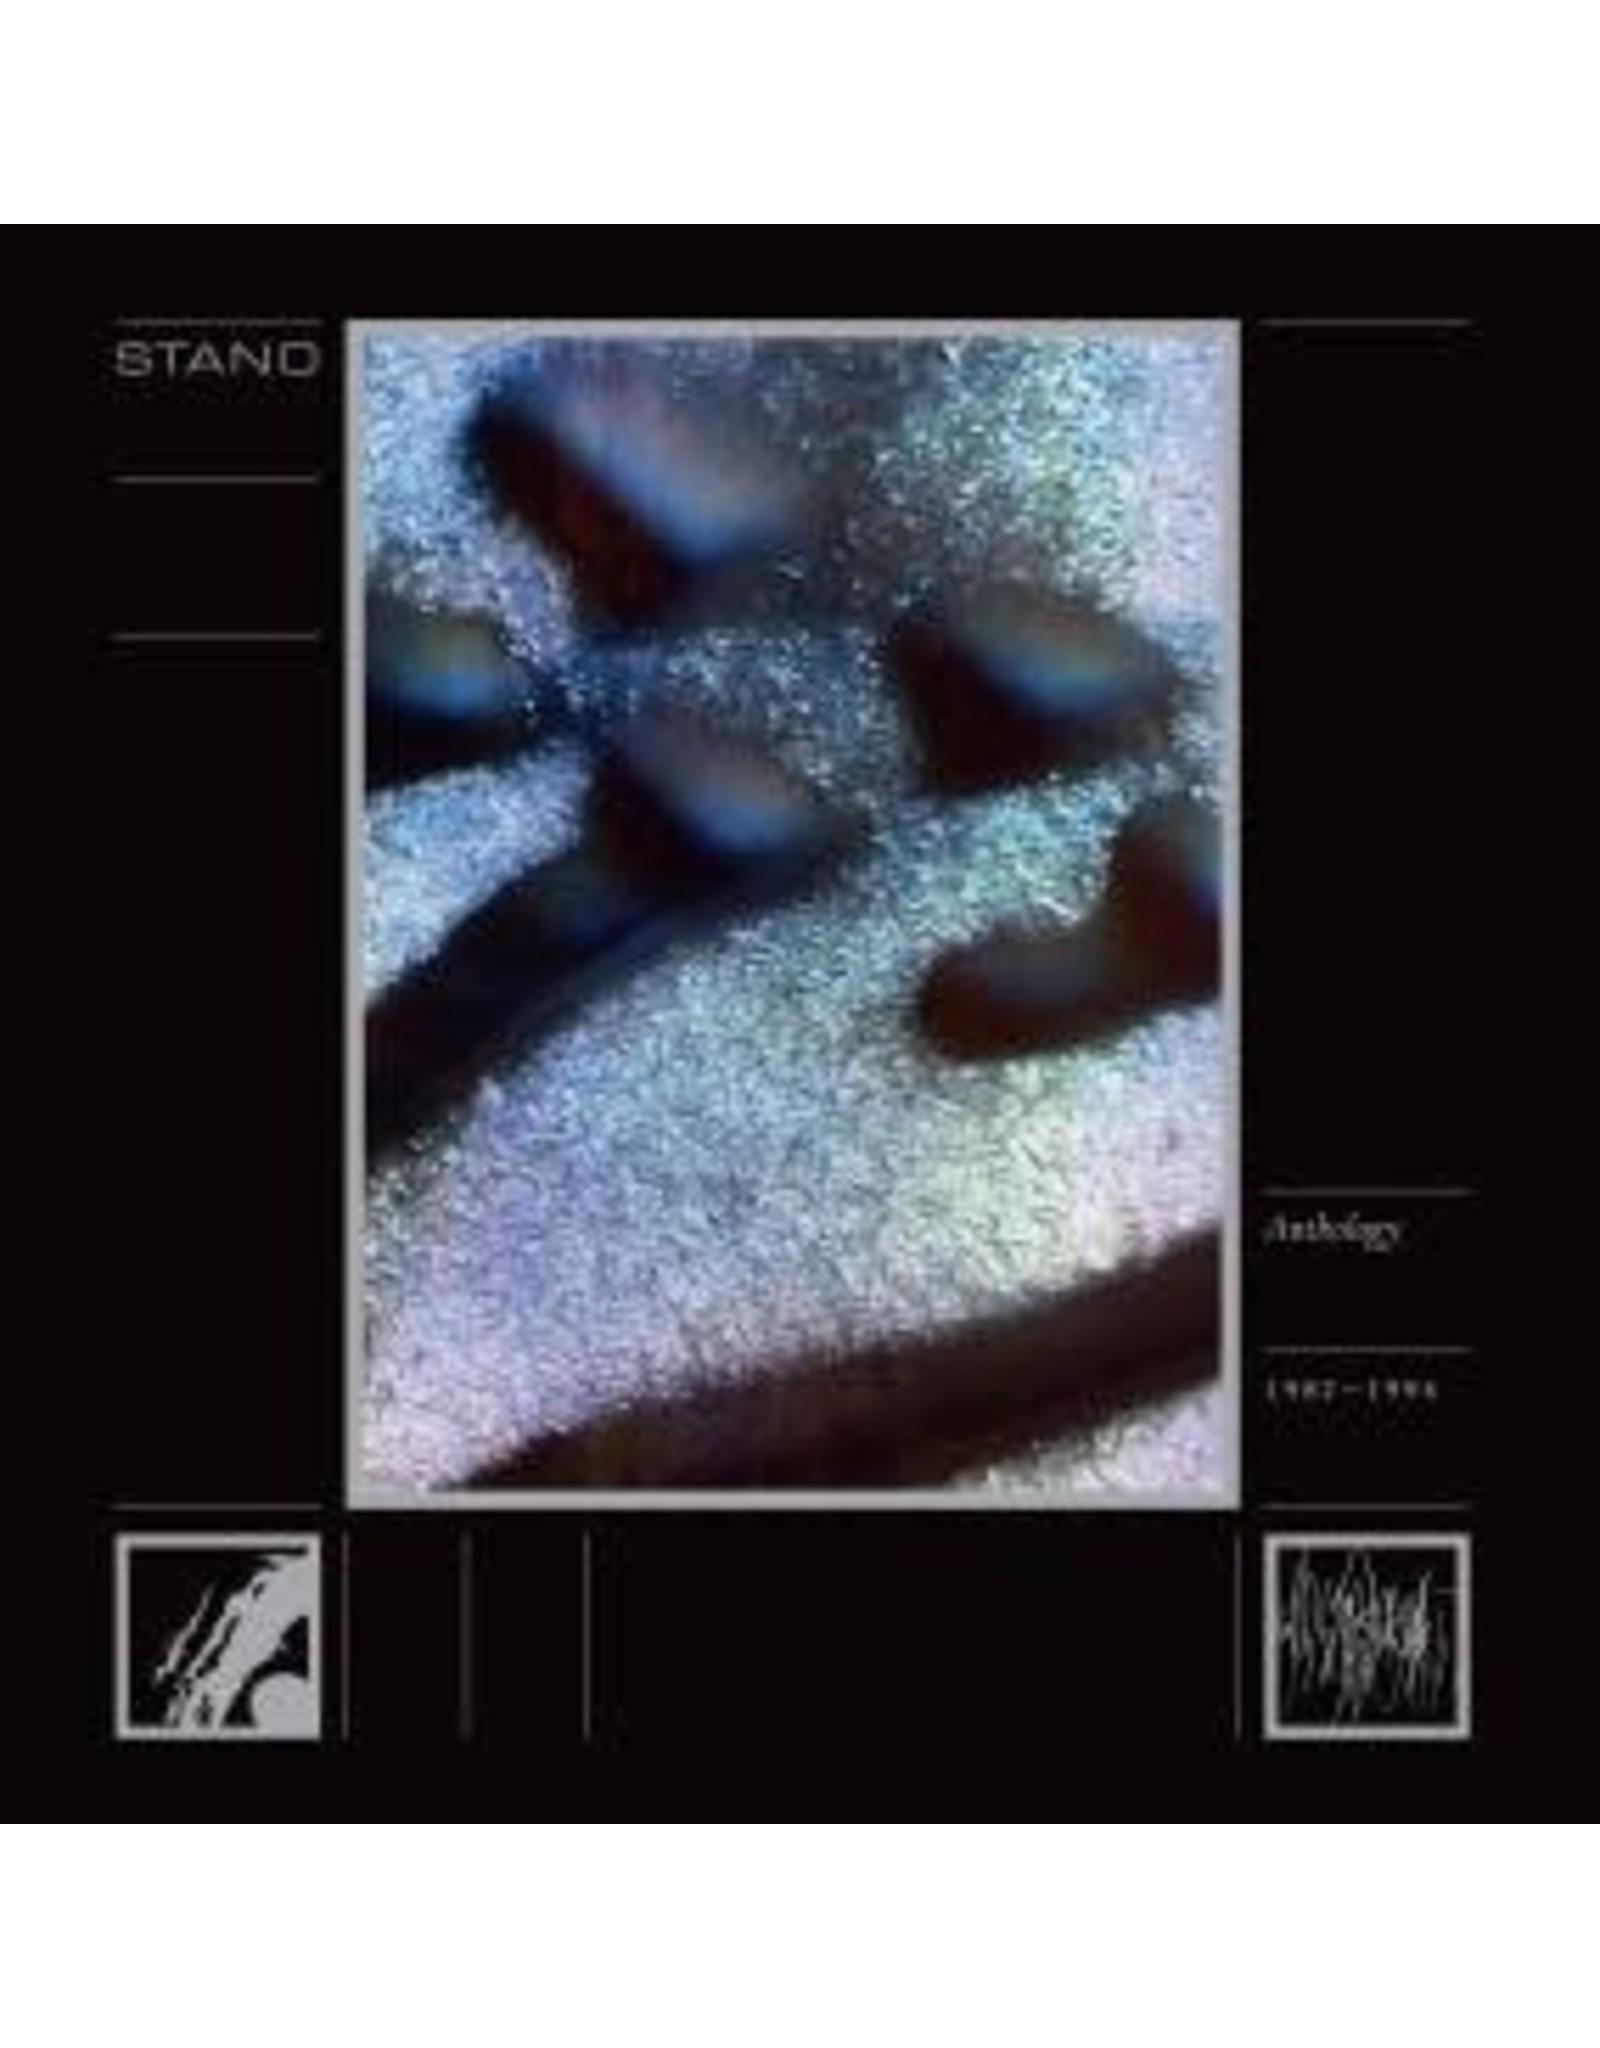 Allchival Stano: Anthology 1982 - 1994 LP